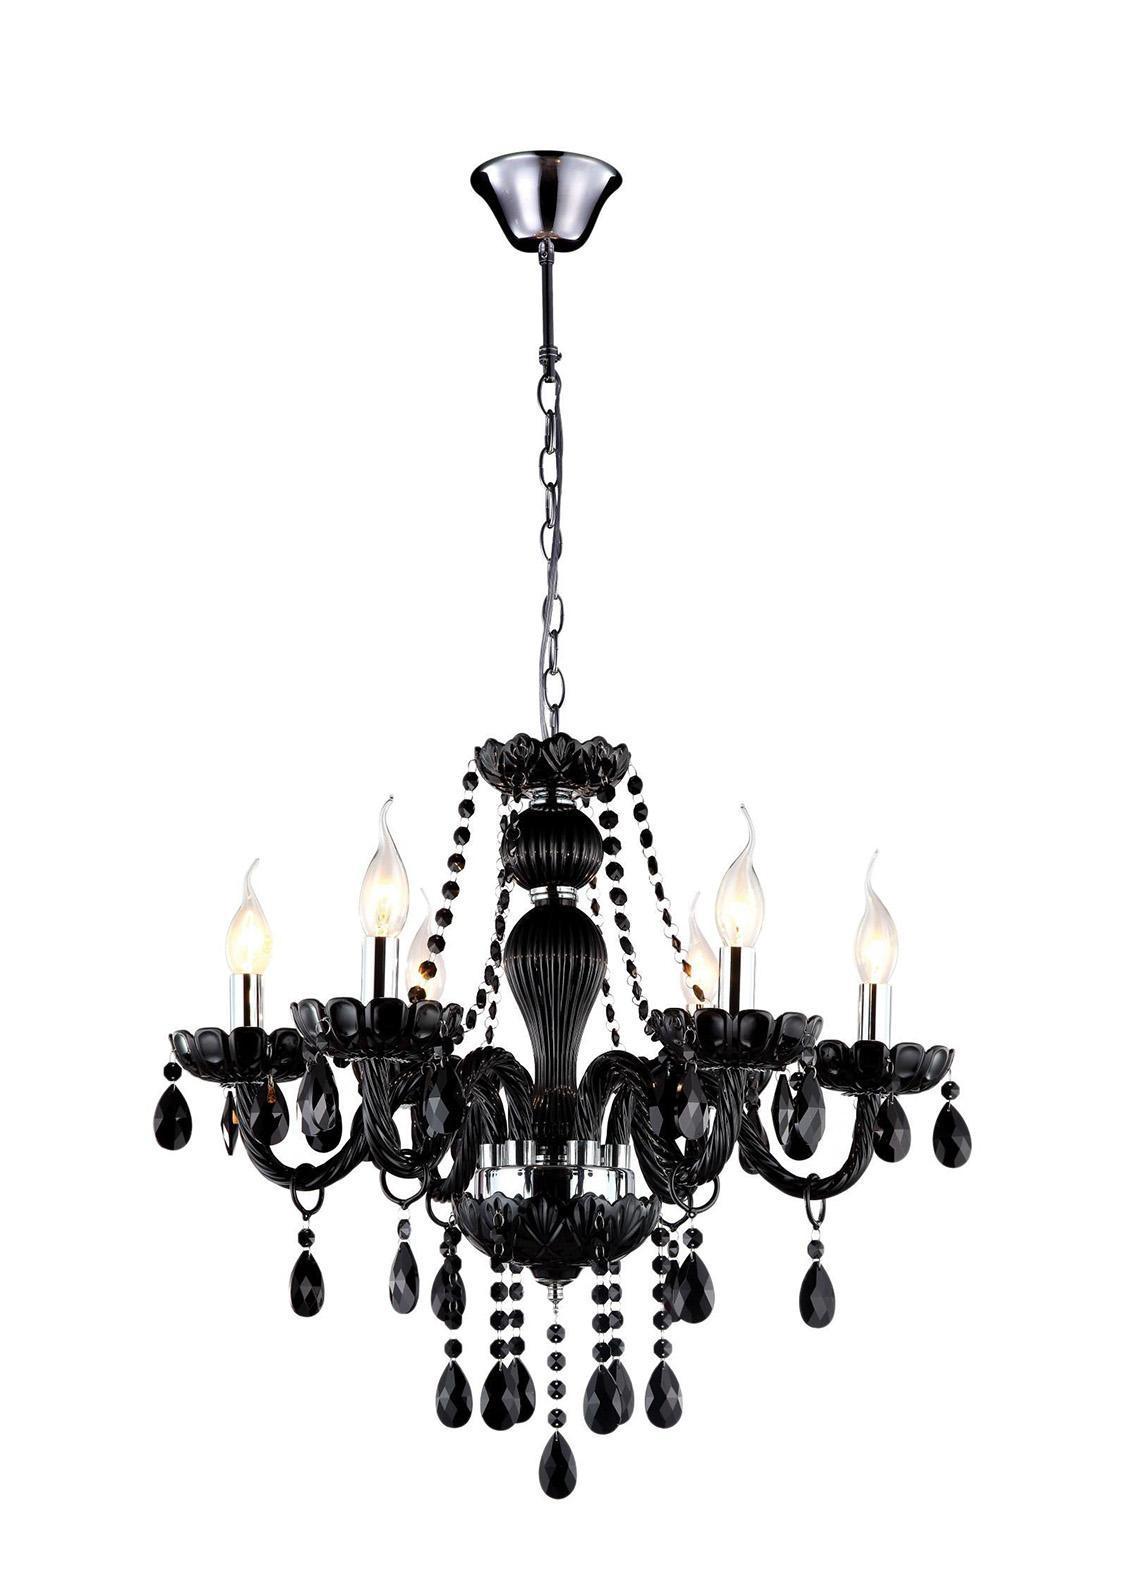 Люстра Arte lamp A3964lm-6bk люстра divinare diana 8111 01 lm 6